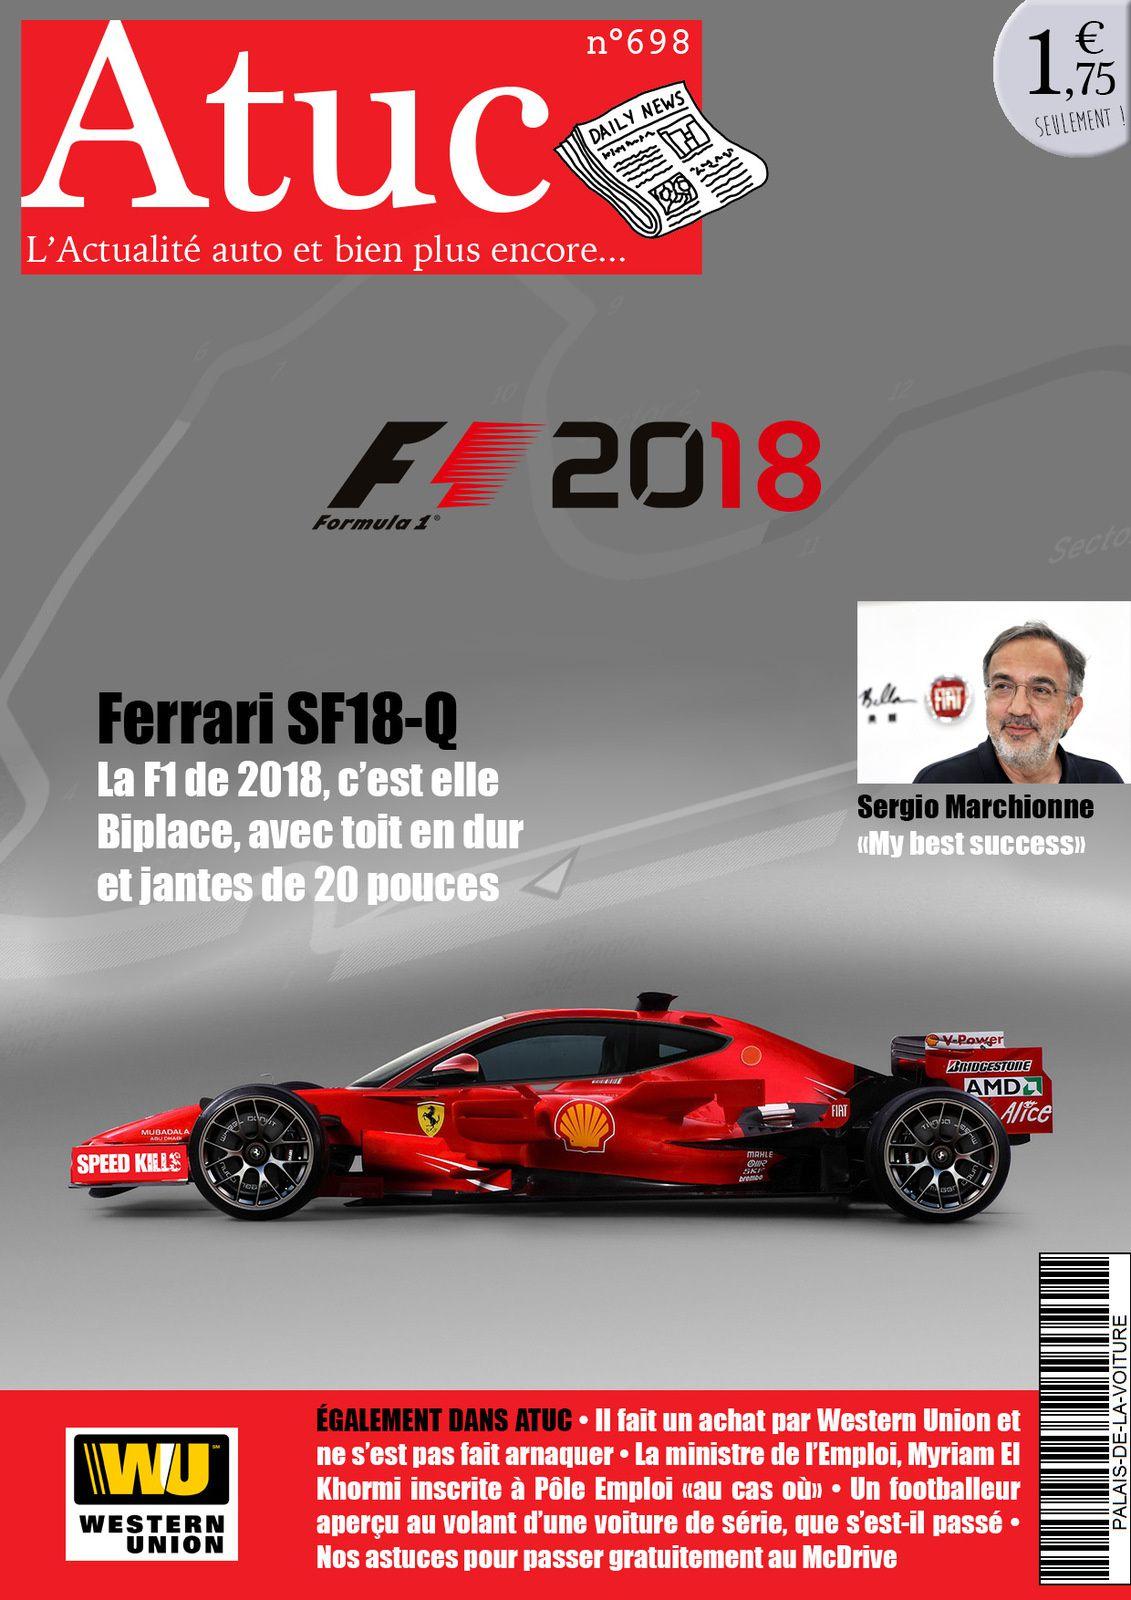 Atuc n°698 • La F1 Ferrari de 2018 déjà dévoilée